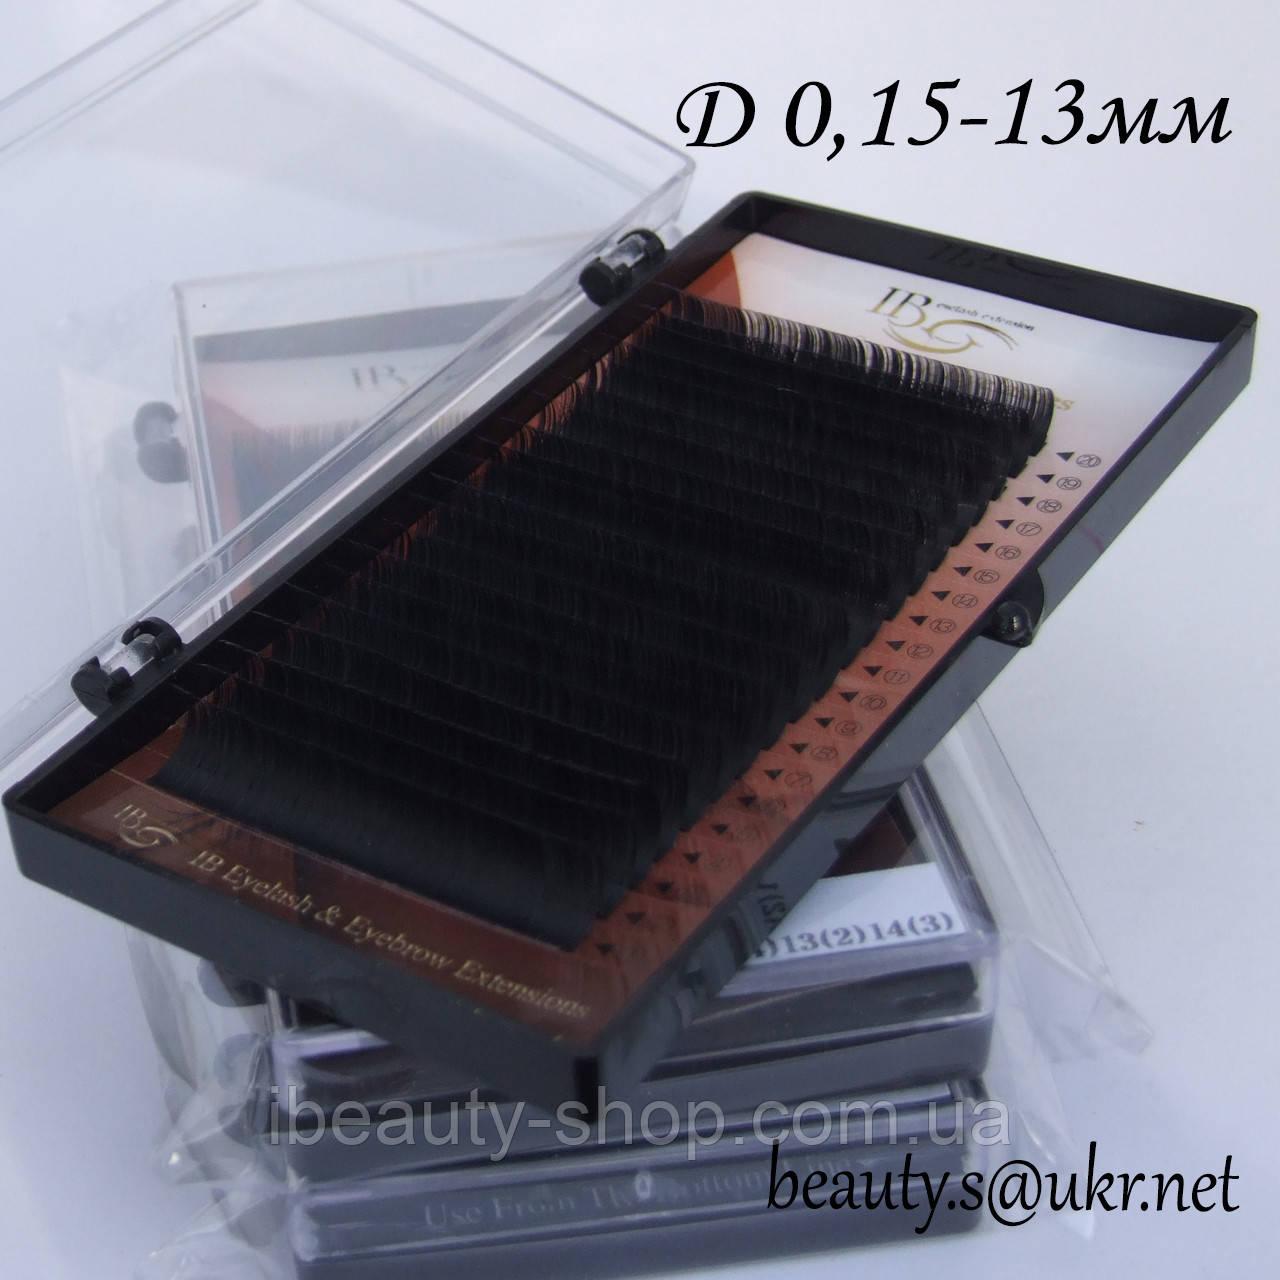 Вії I-Beauty на стрічці D-0,15 13мм